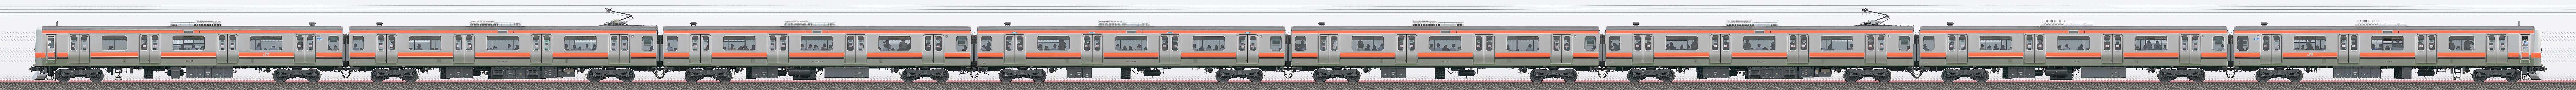 JR東日本 武蔵野線 E231系900番台MU1編成(山側)の編成サイドビュー